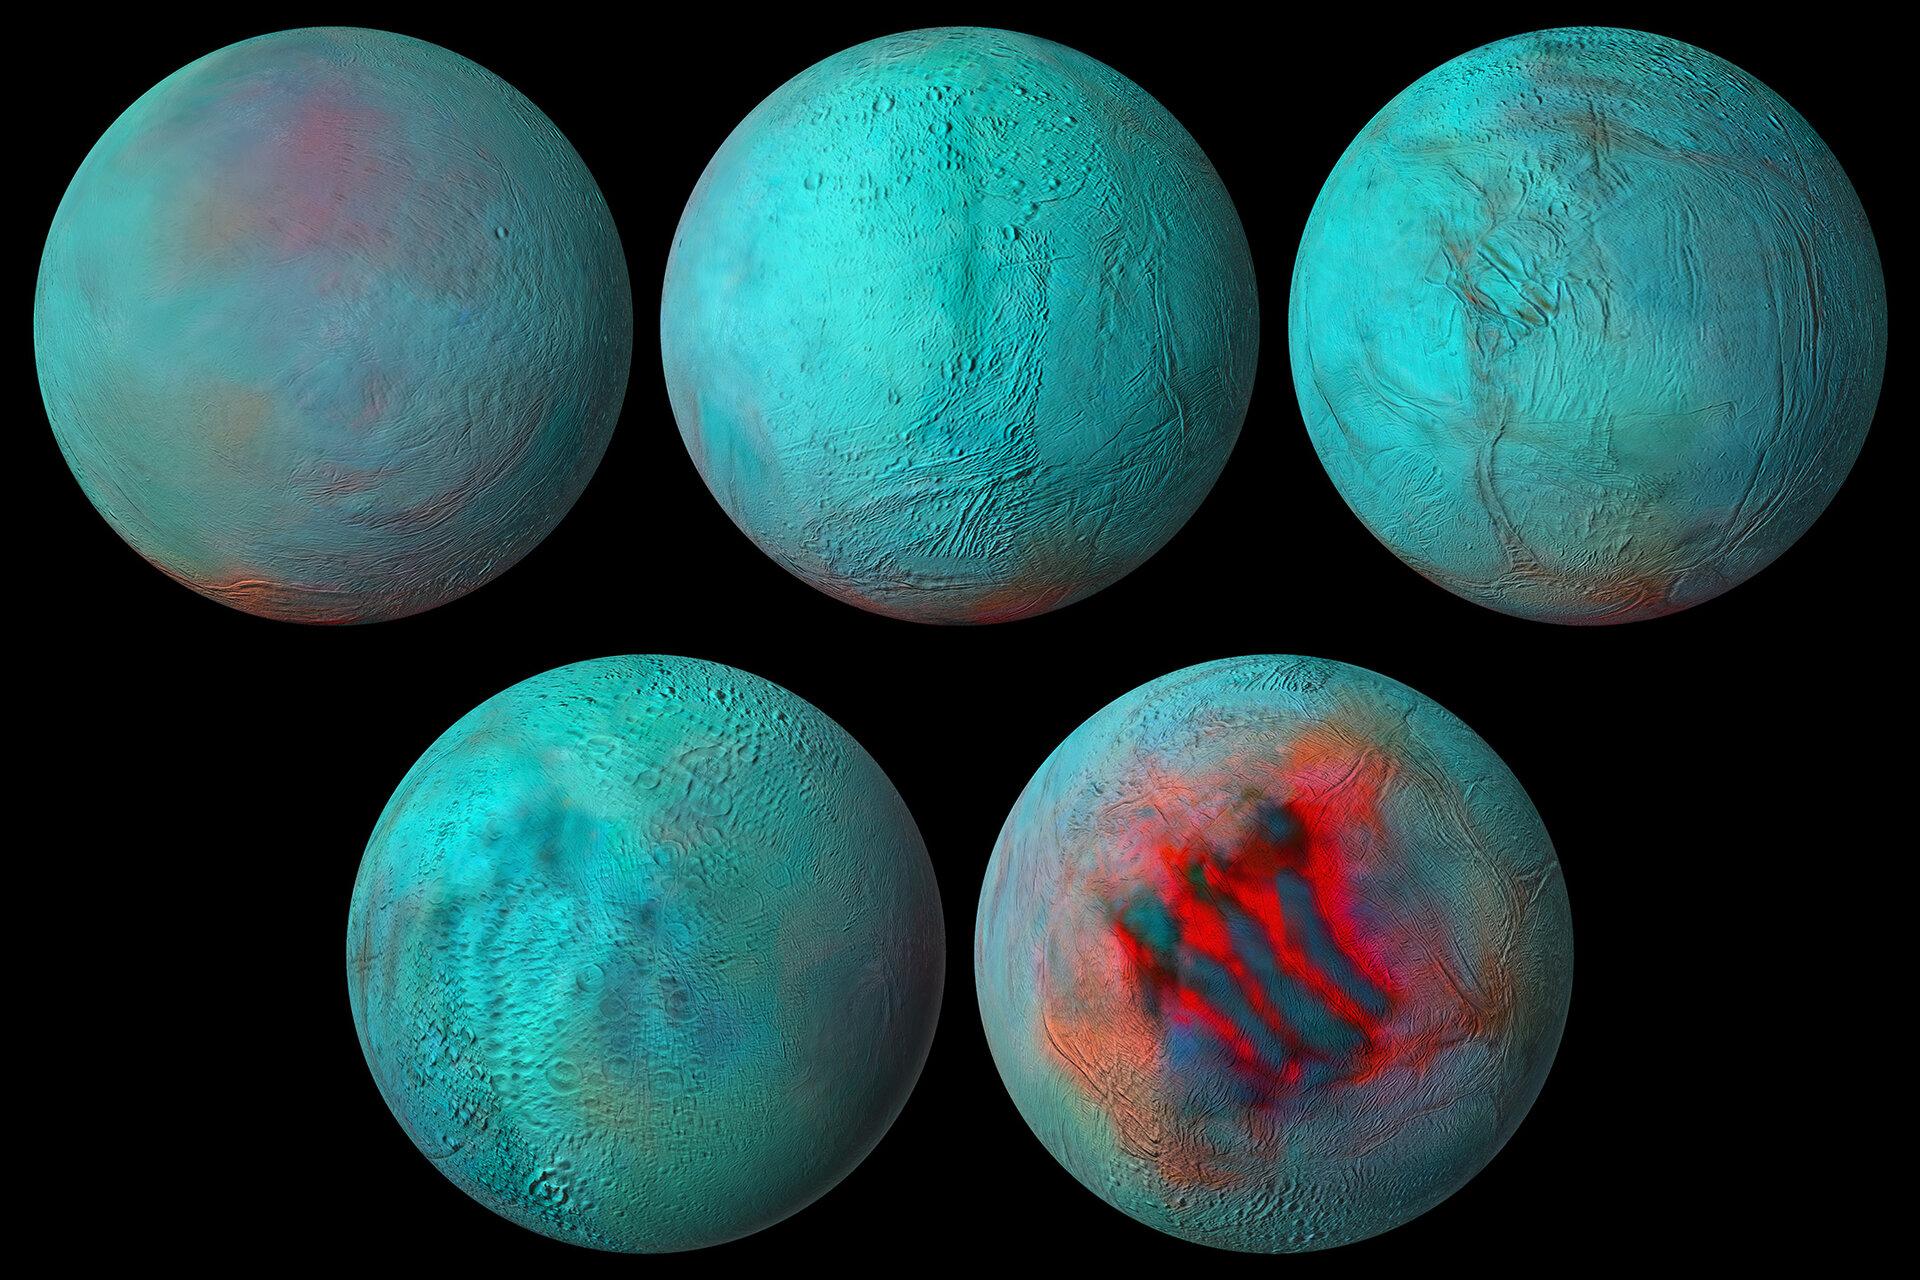 Nueva vista panorámica de la luna de Saturno: Encélado en infrarrojo